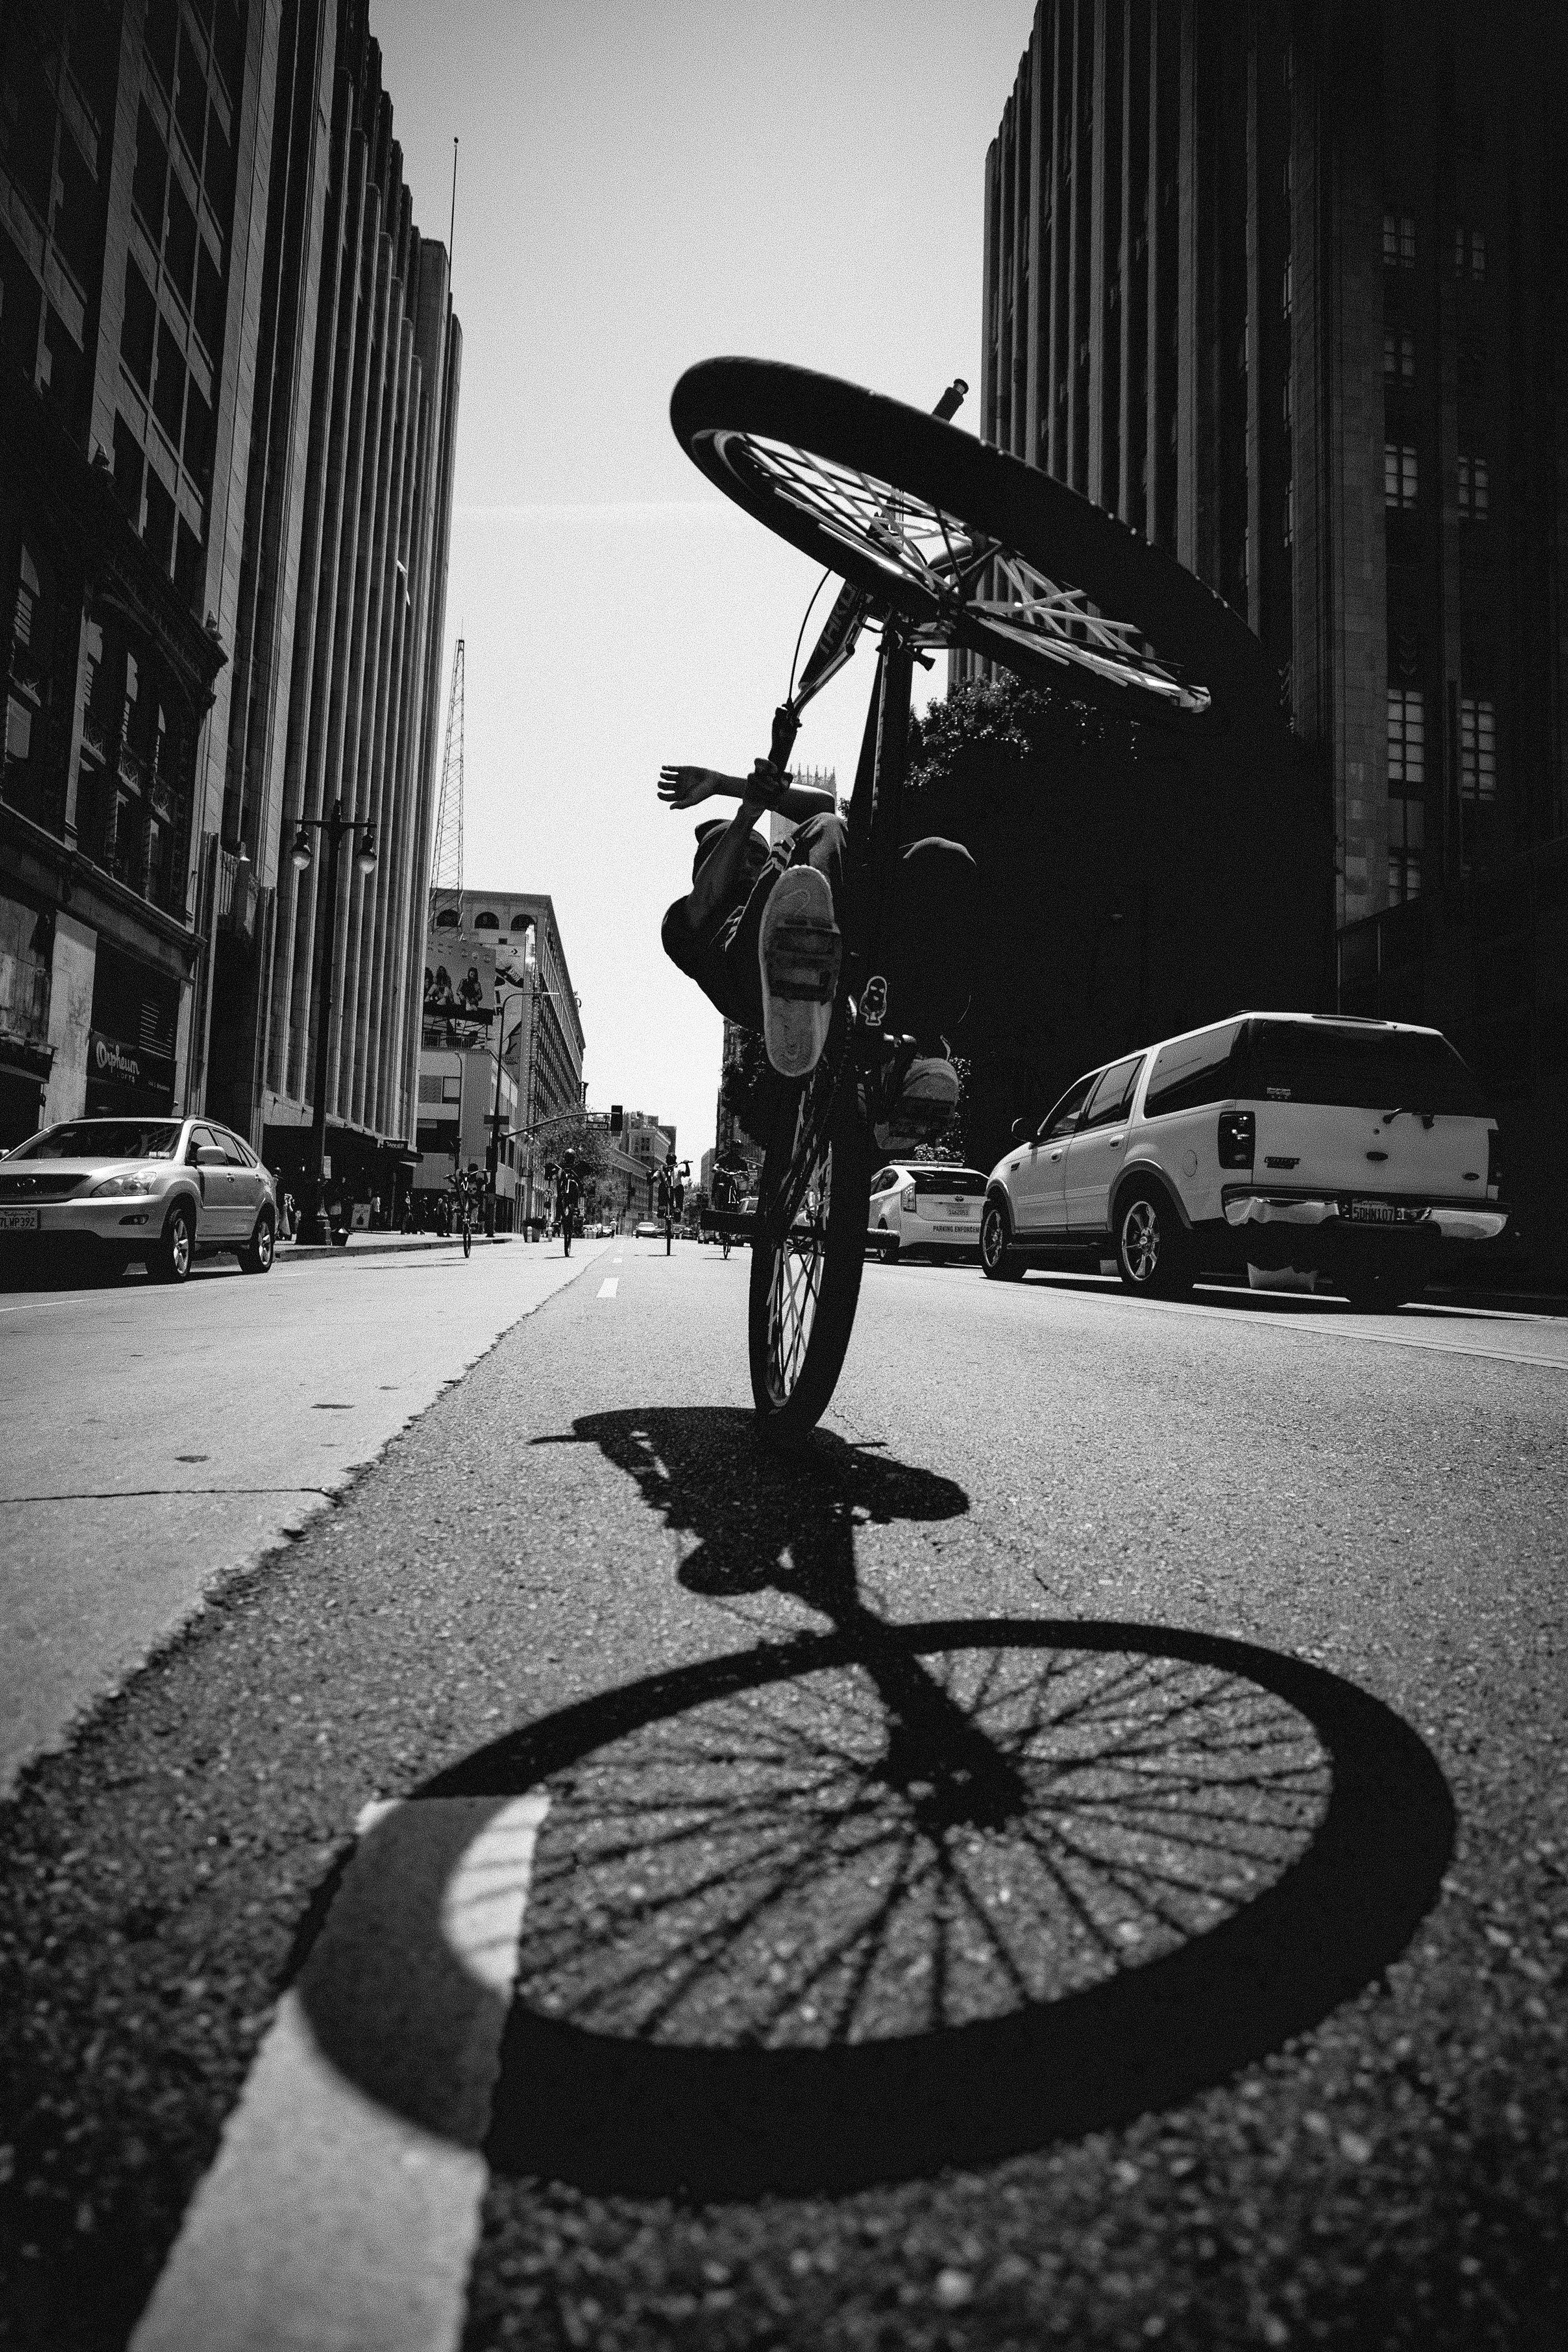 La Bike Life On Behance En 2020 Fotografia Fotos Harry Potter